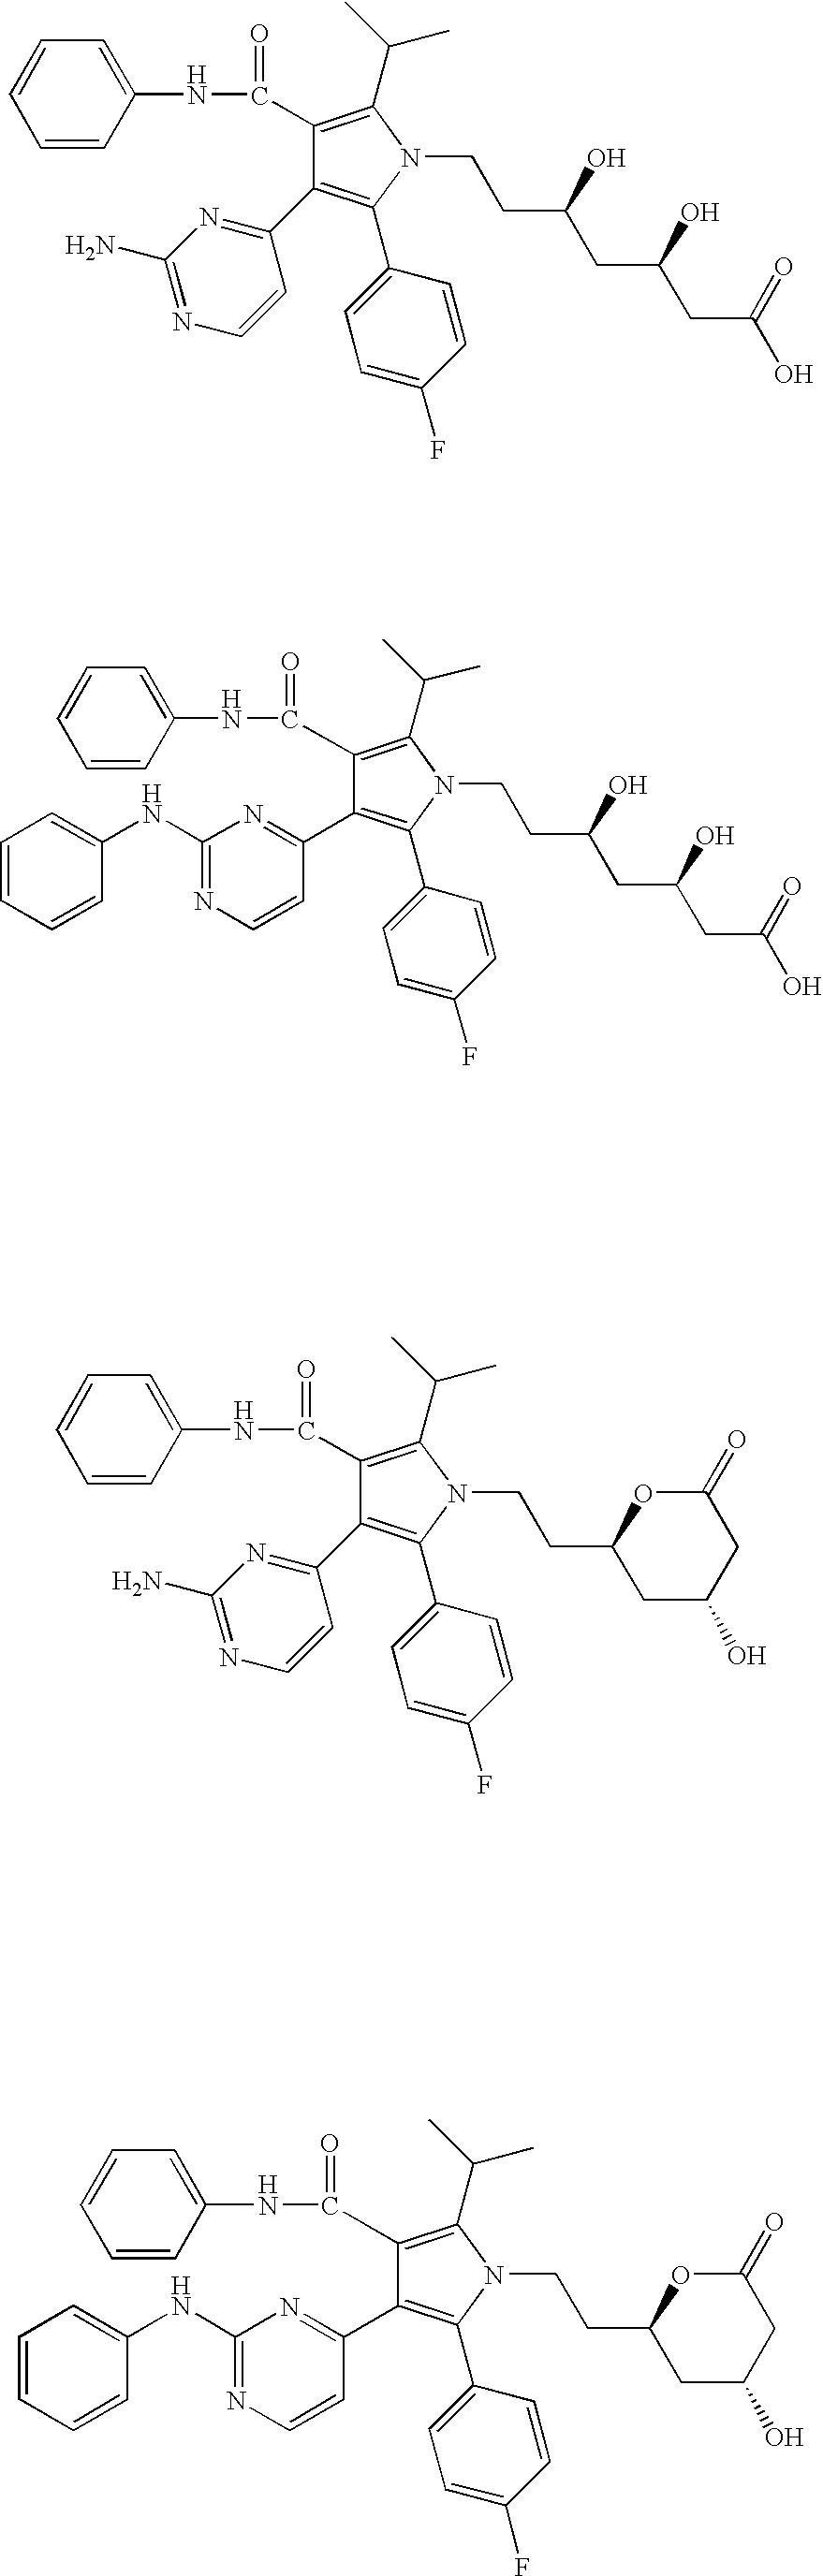 Figure US20050261354A1-20051124-C00108